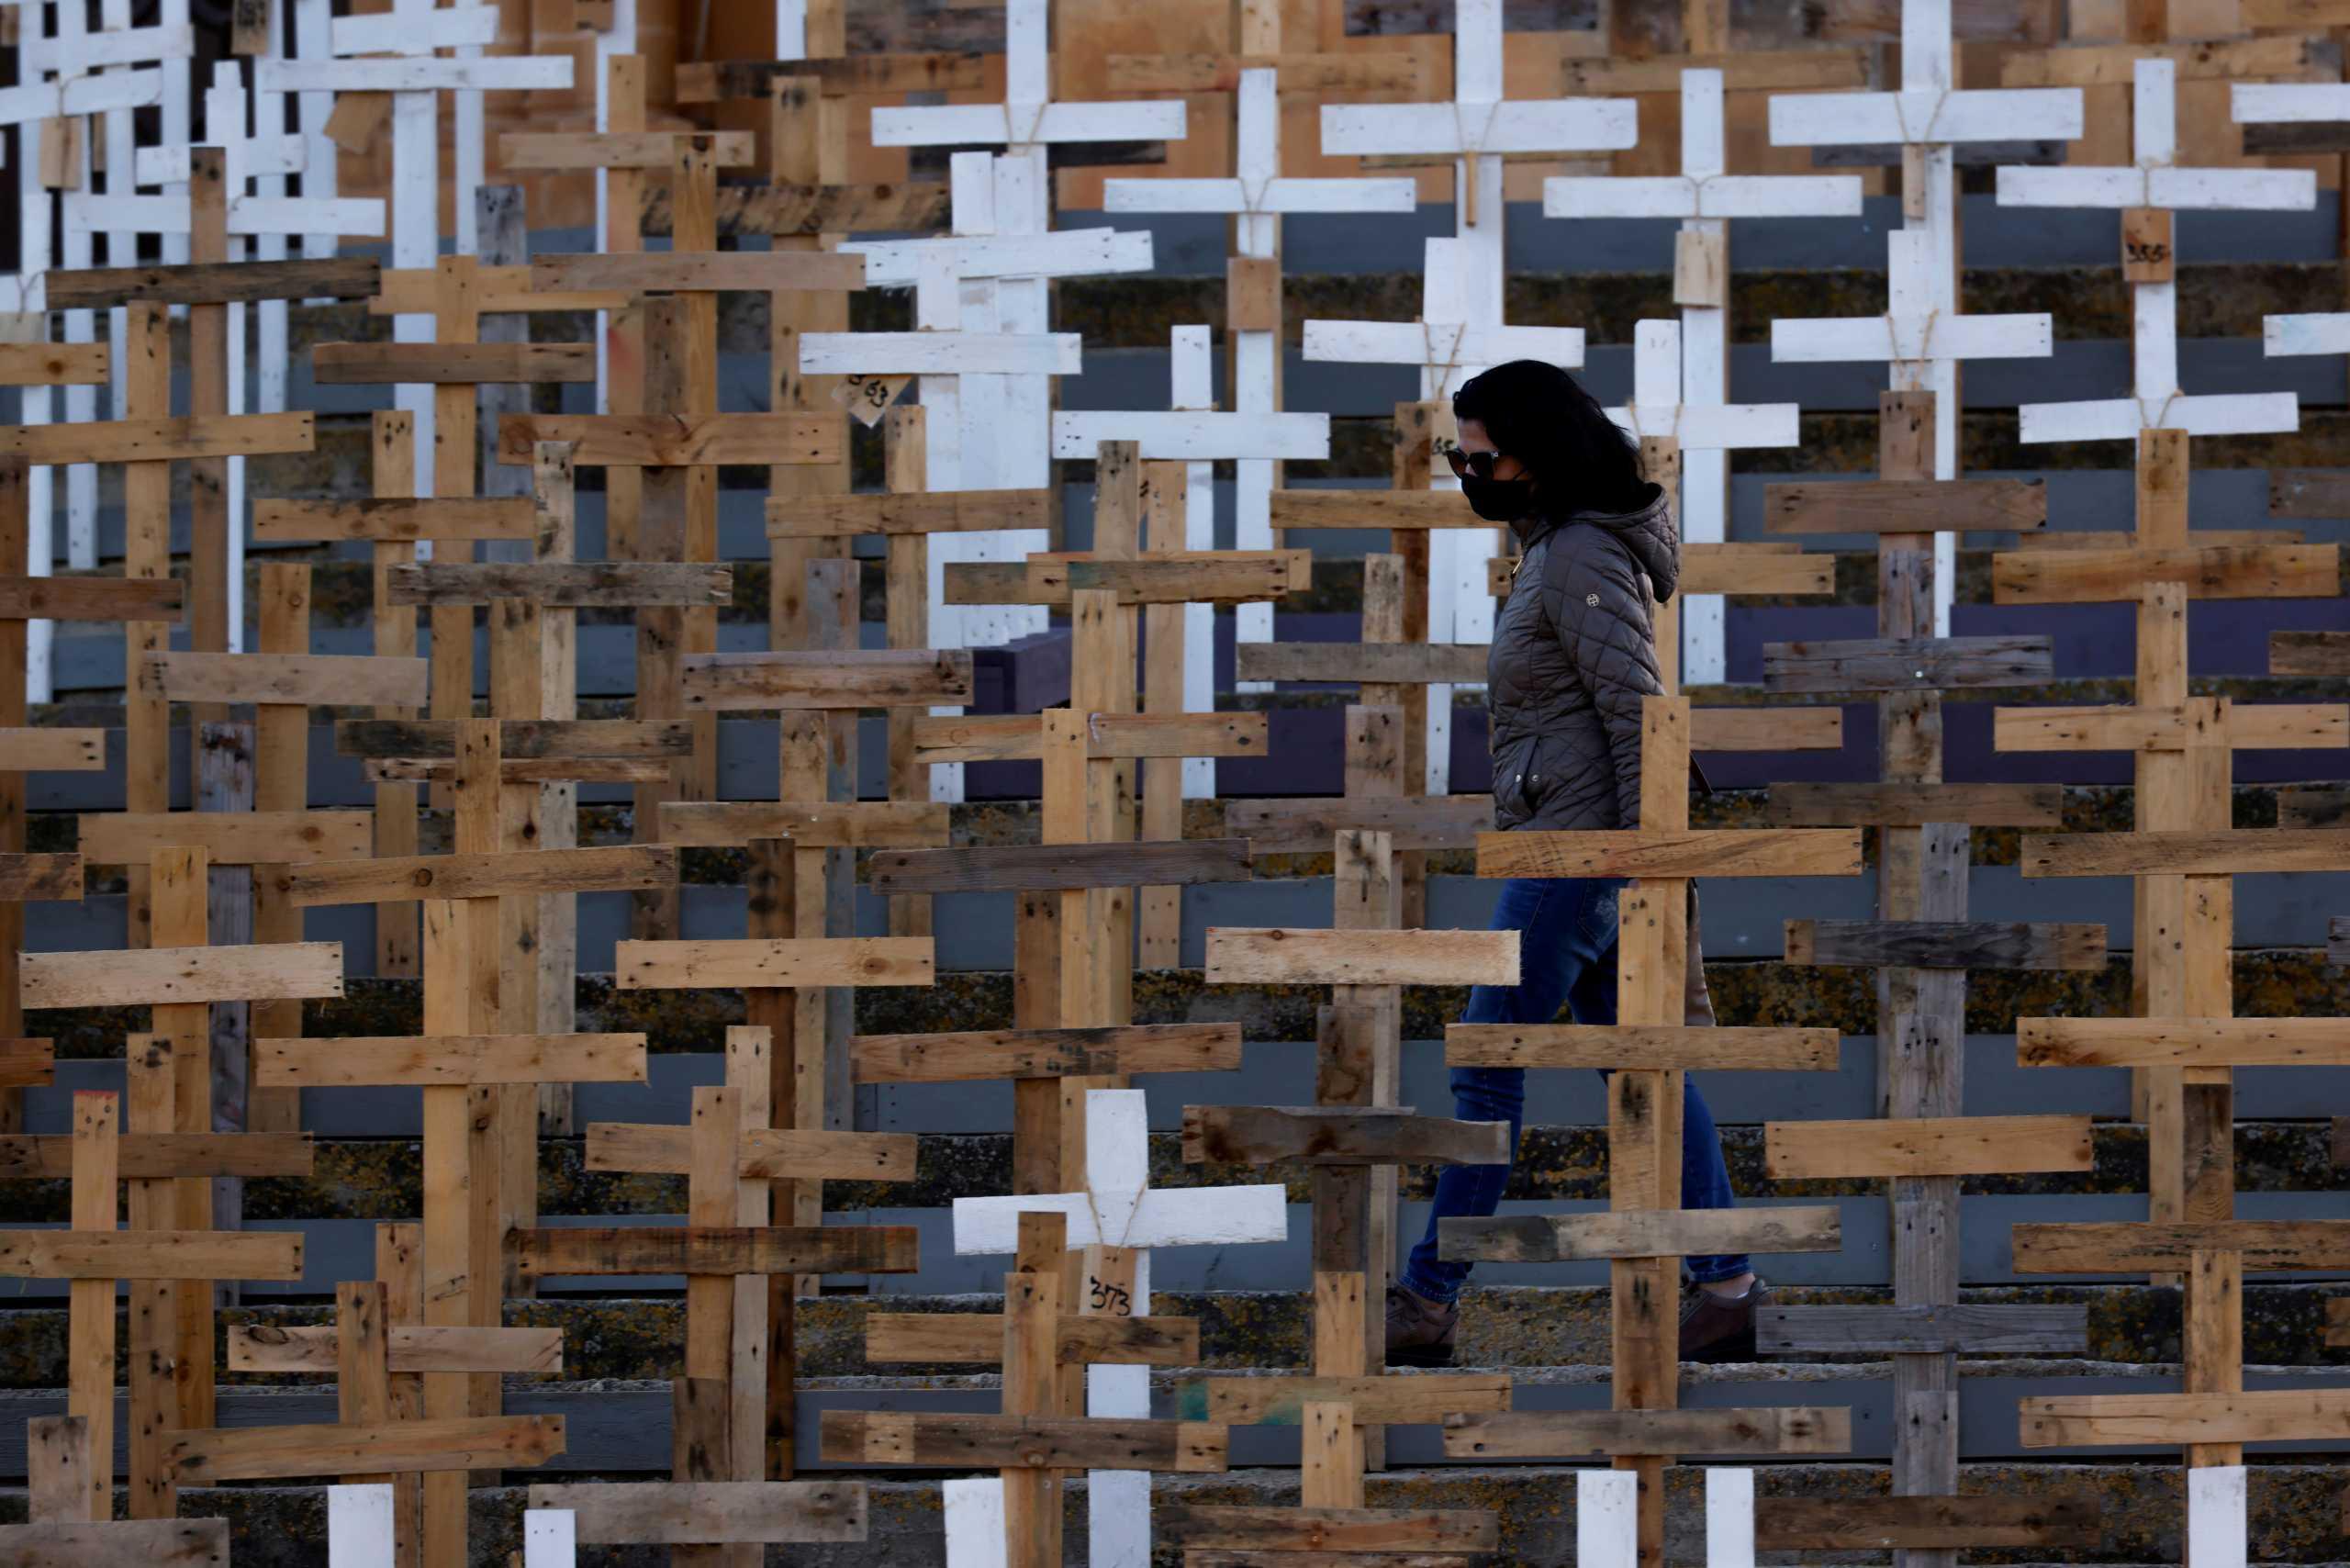 Μάλτα: Χαλαρώνουν το lockdown αφού έχει εμβολιαστεί το 42% των ενηλίκων